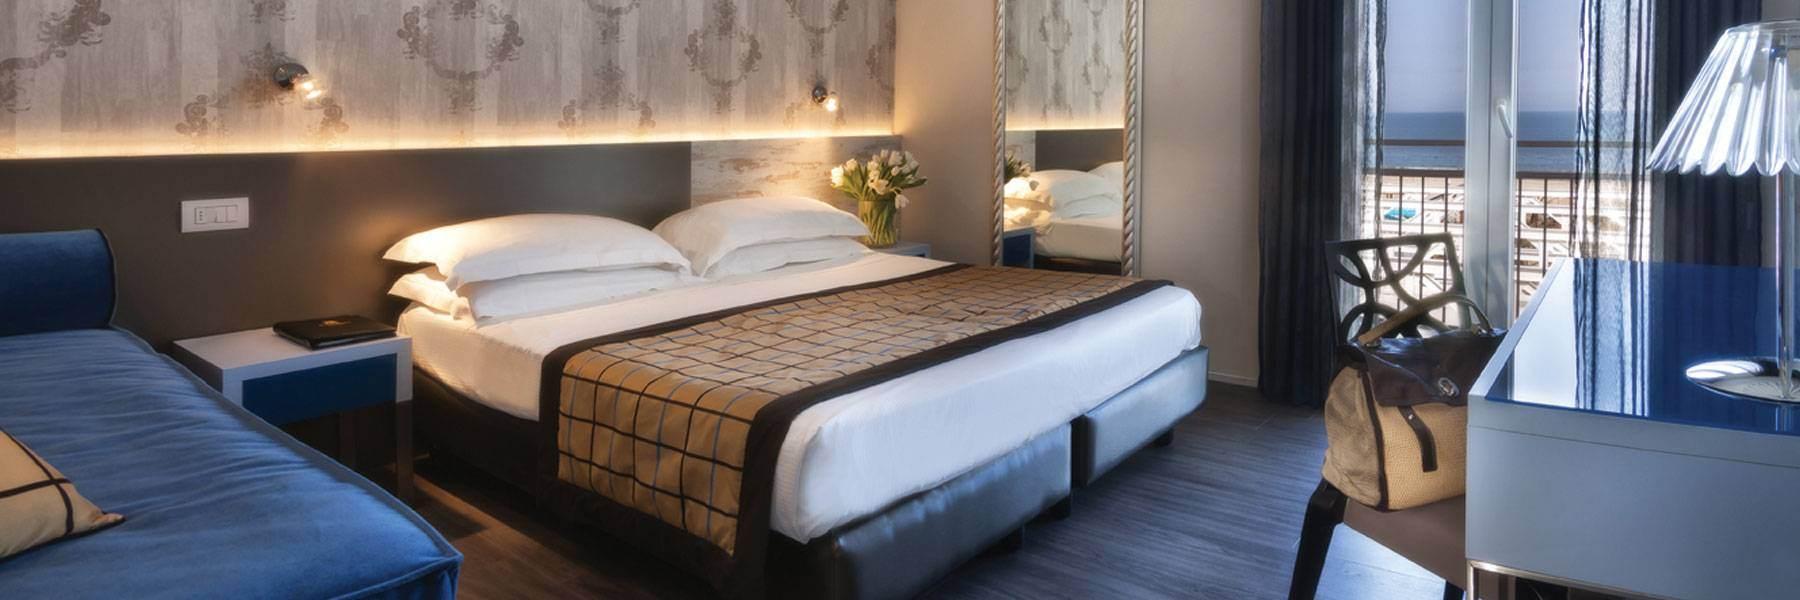 Camere Comfort a Riccione | Hotel Roma